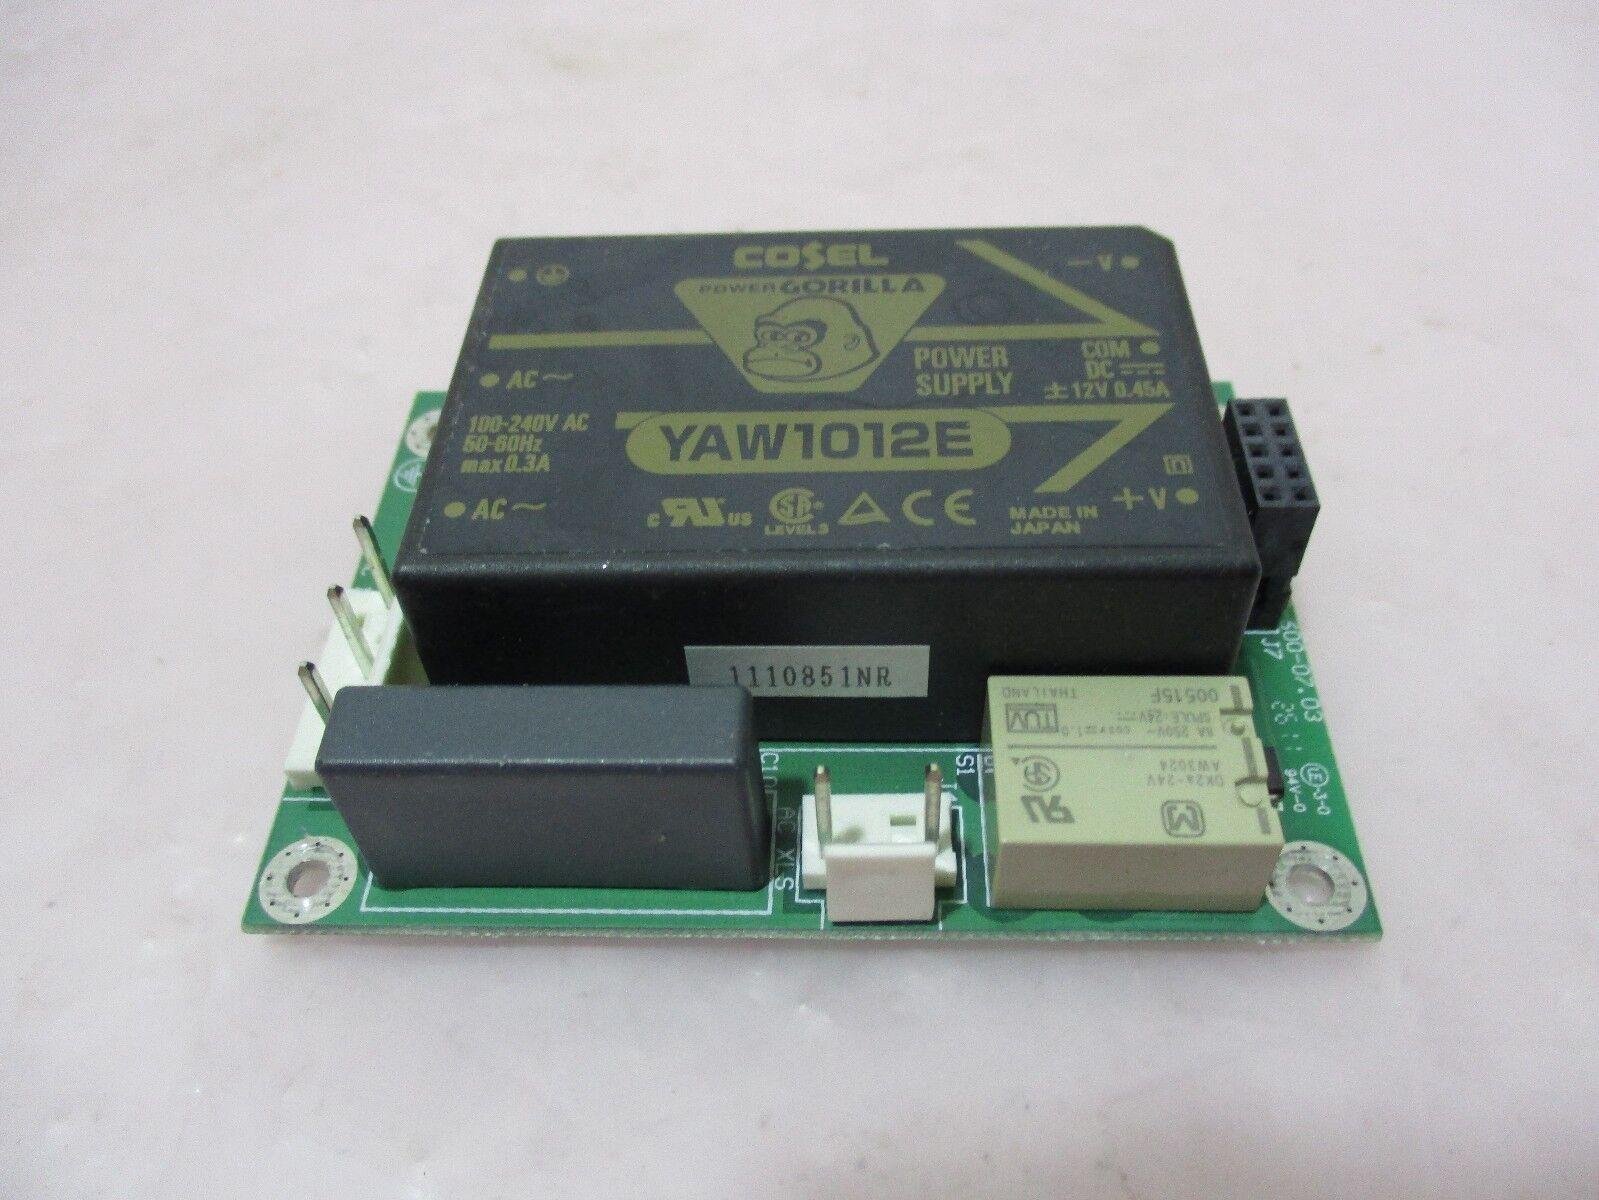 J.A. Woollam SSB-600.07.03 PCB Board W/ Cosel YAW1012E Power Supply, 420567